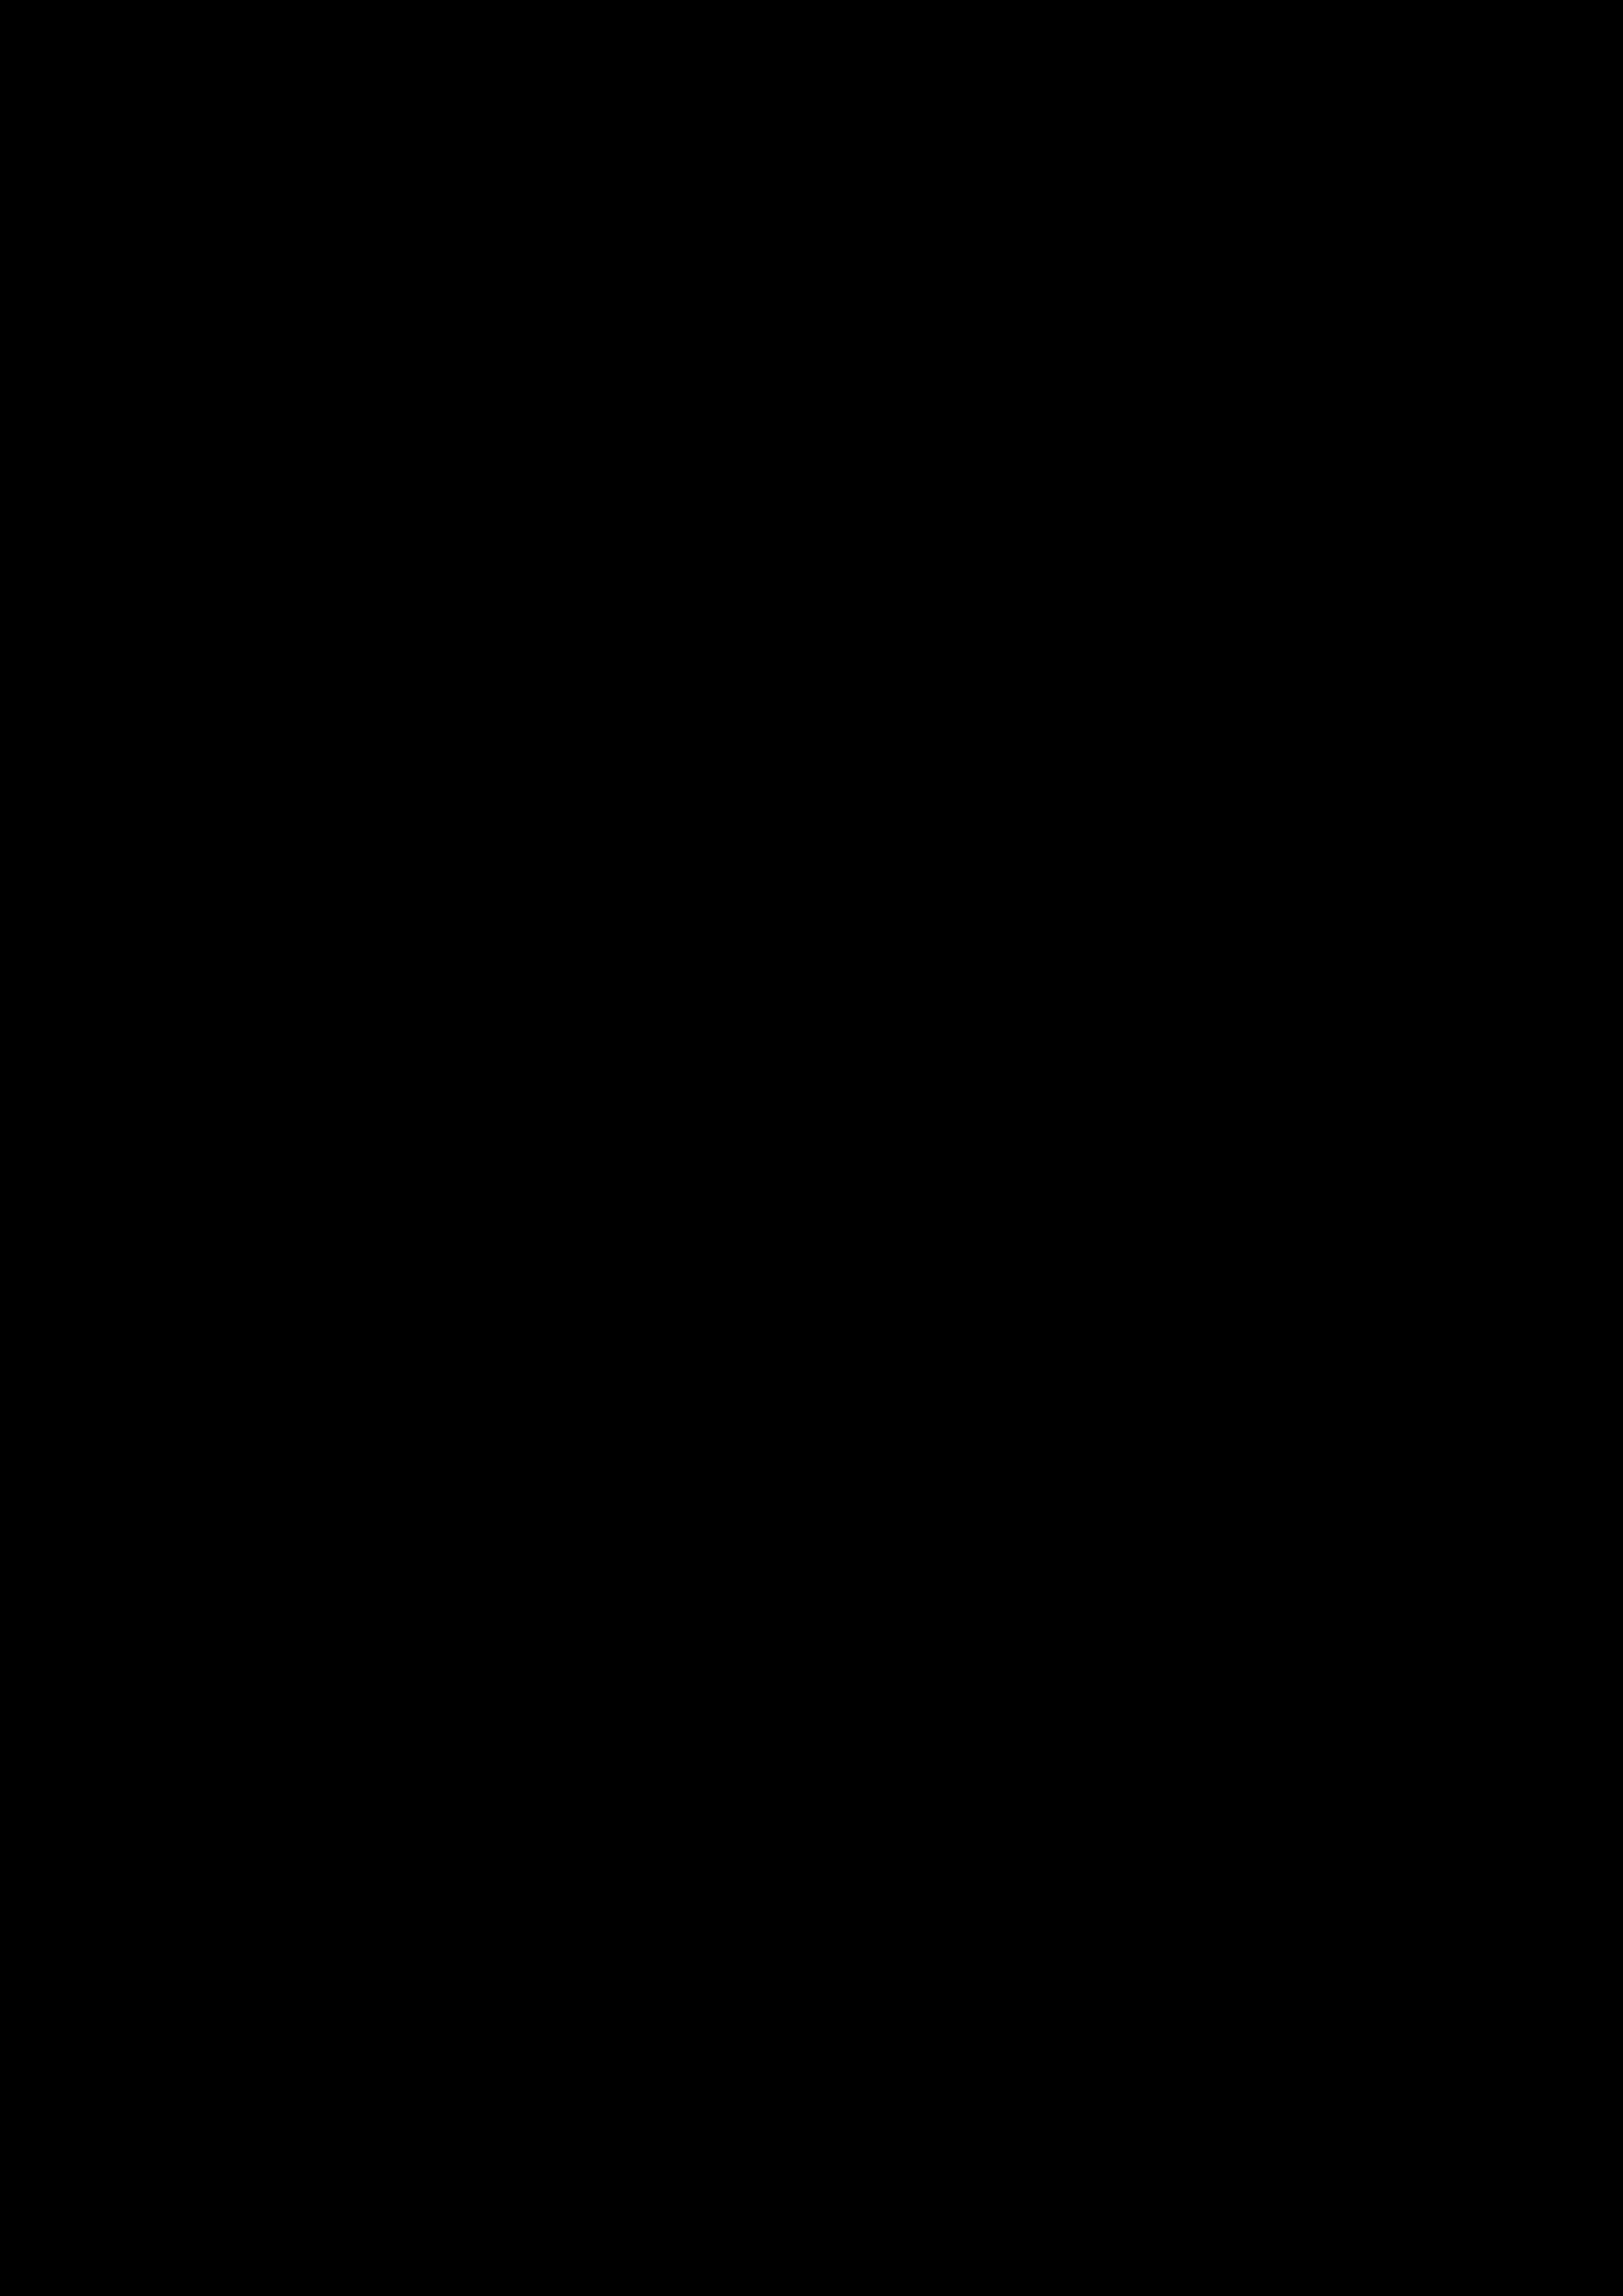 20130328221716f8b.png